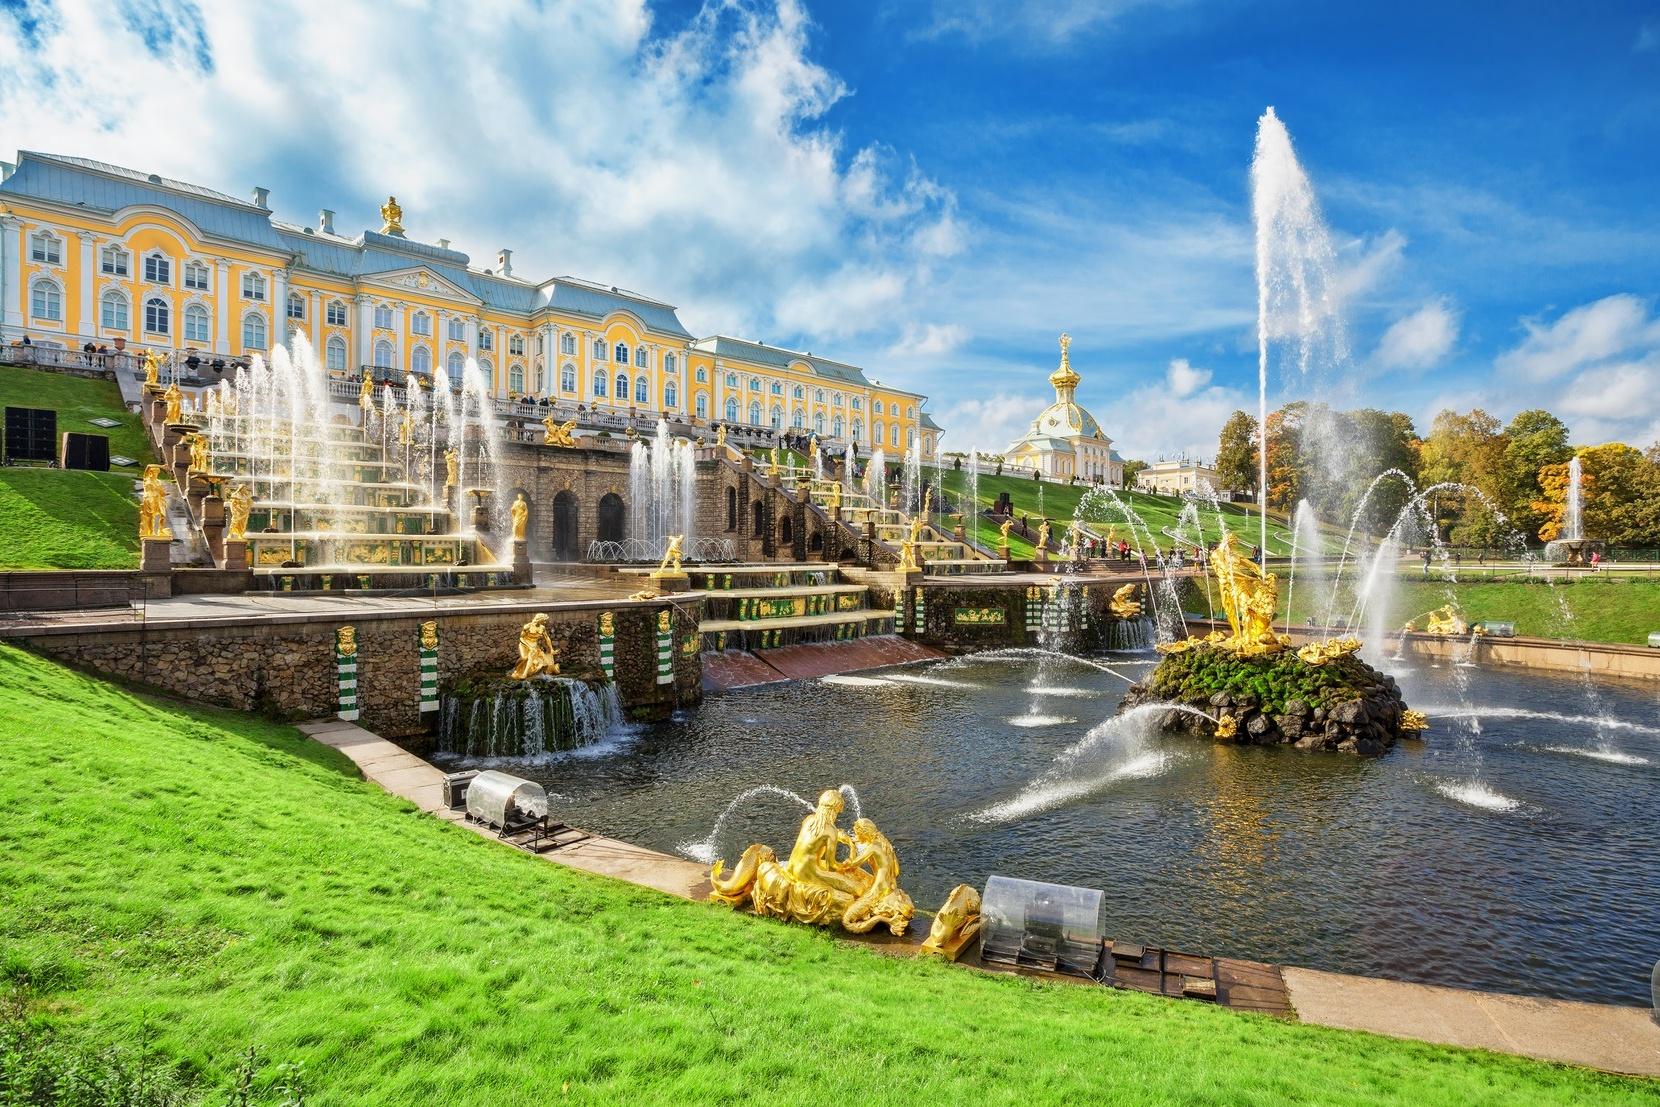 Sankt Petersburg: Petergof